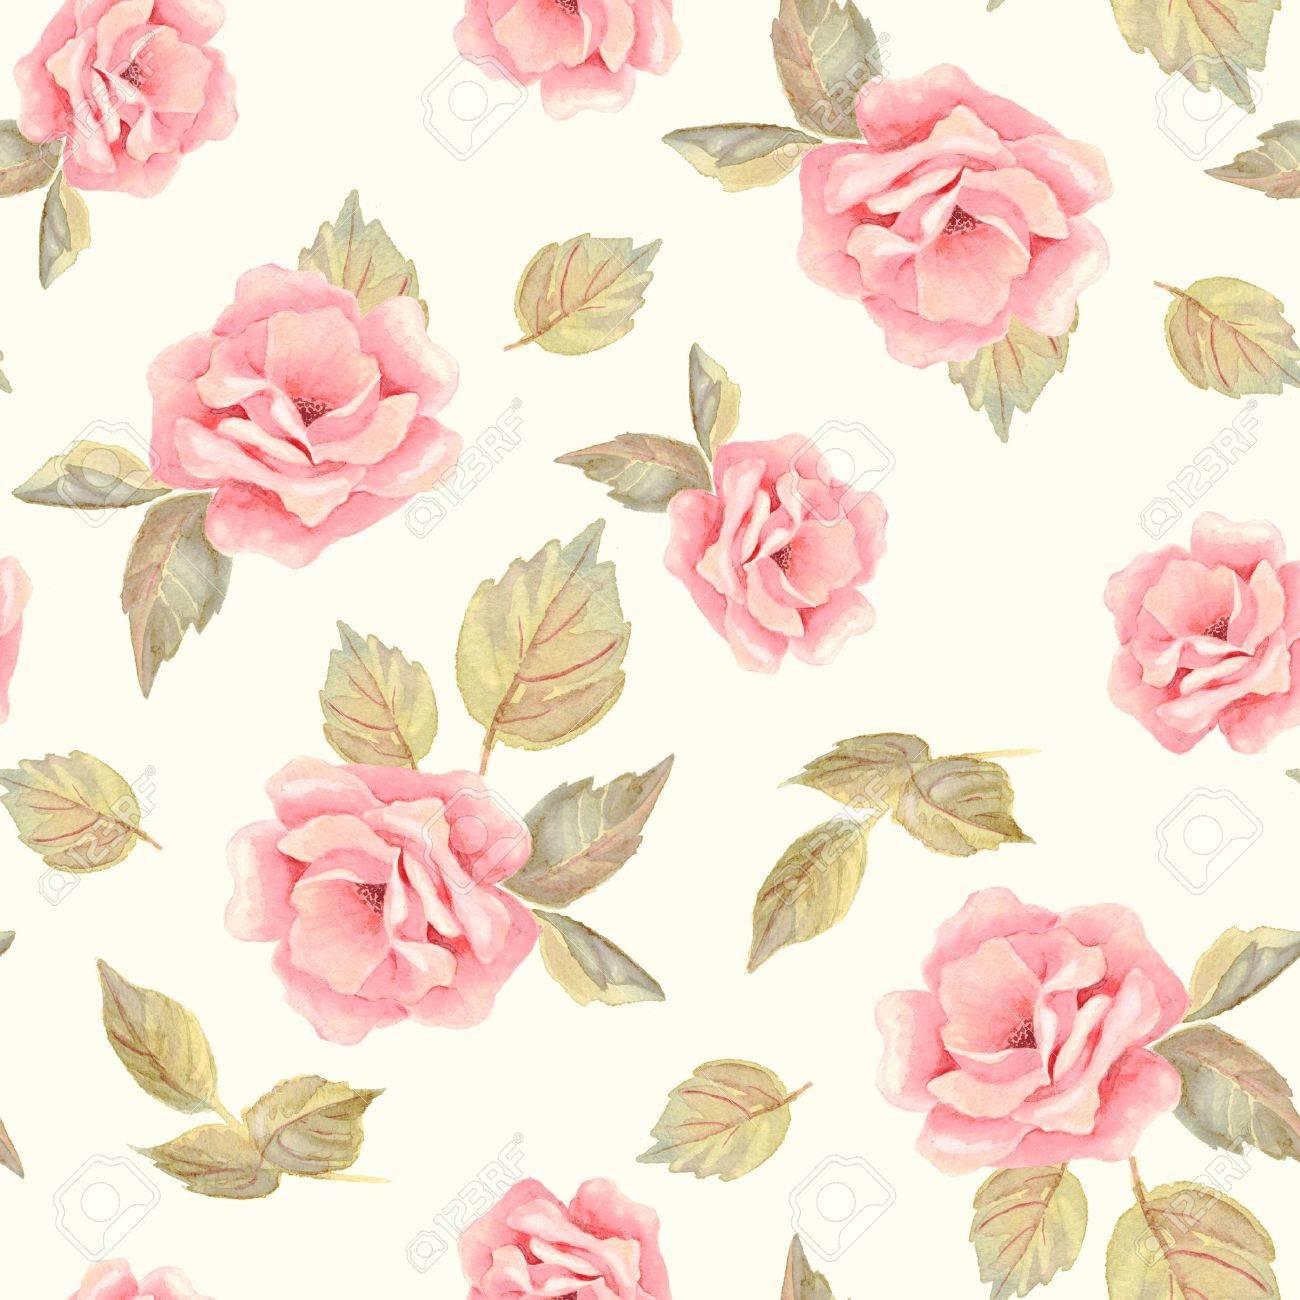 おしゃれ手描き花。シームレス花柄 22 ロイヤリティーフリーフォト